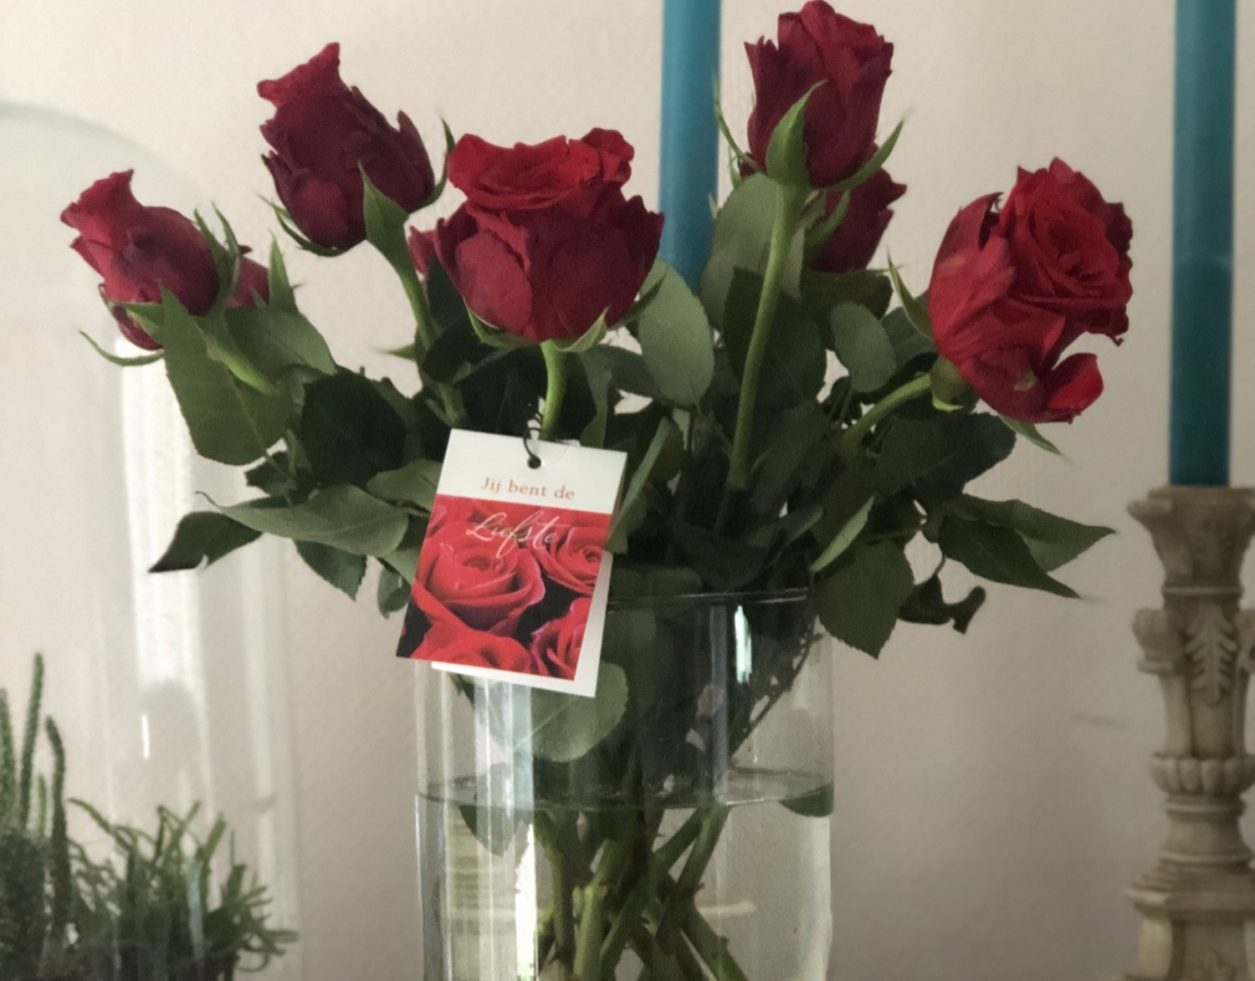 Liefde komt wanneer je het niet verwacht - Diyaata.com